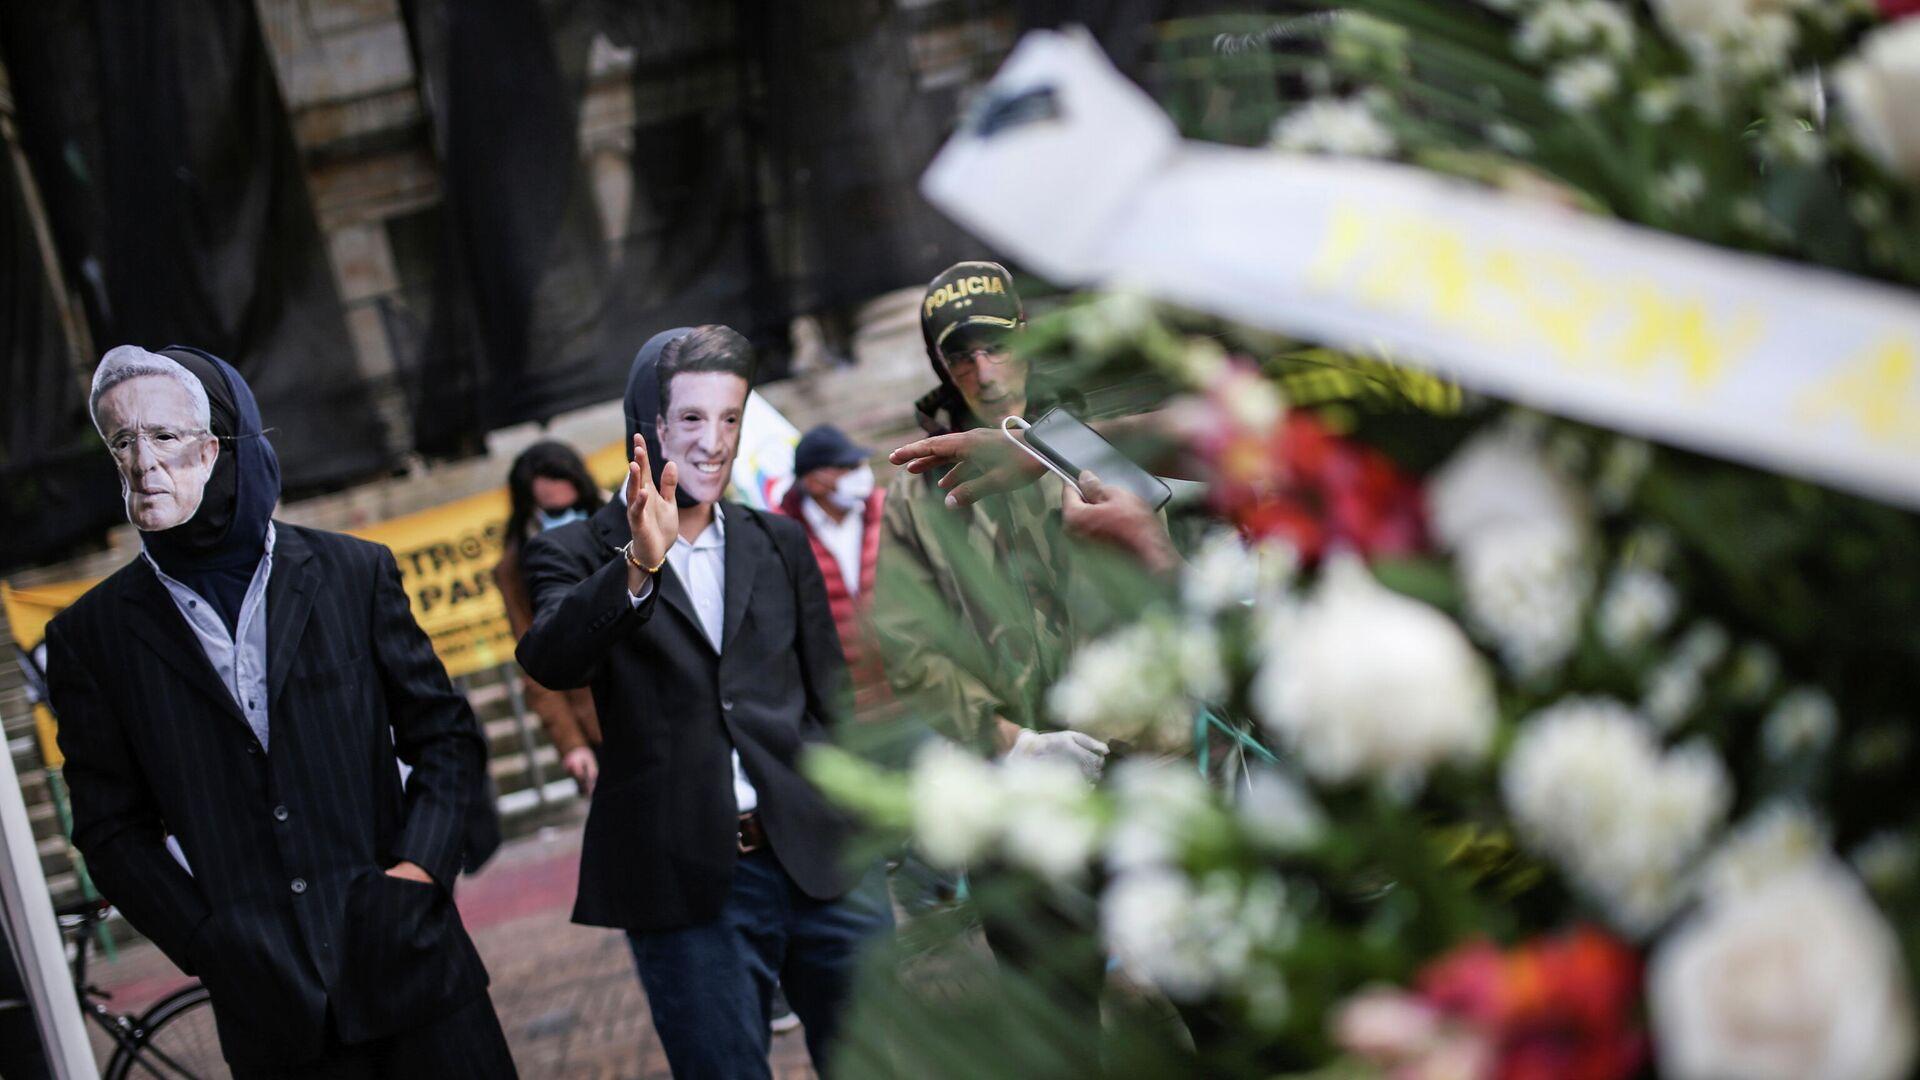 Los manifestantes usan máscaras que representan al expresidente de Colombia, Álvaro Uribe, al ministro de Defensa, Diego Molano, y al director de la Policía Nacional, general Jorge Luis Vargas - Sputnik Mundo, 1920, 26.05.2021